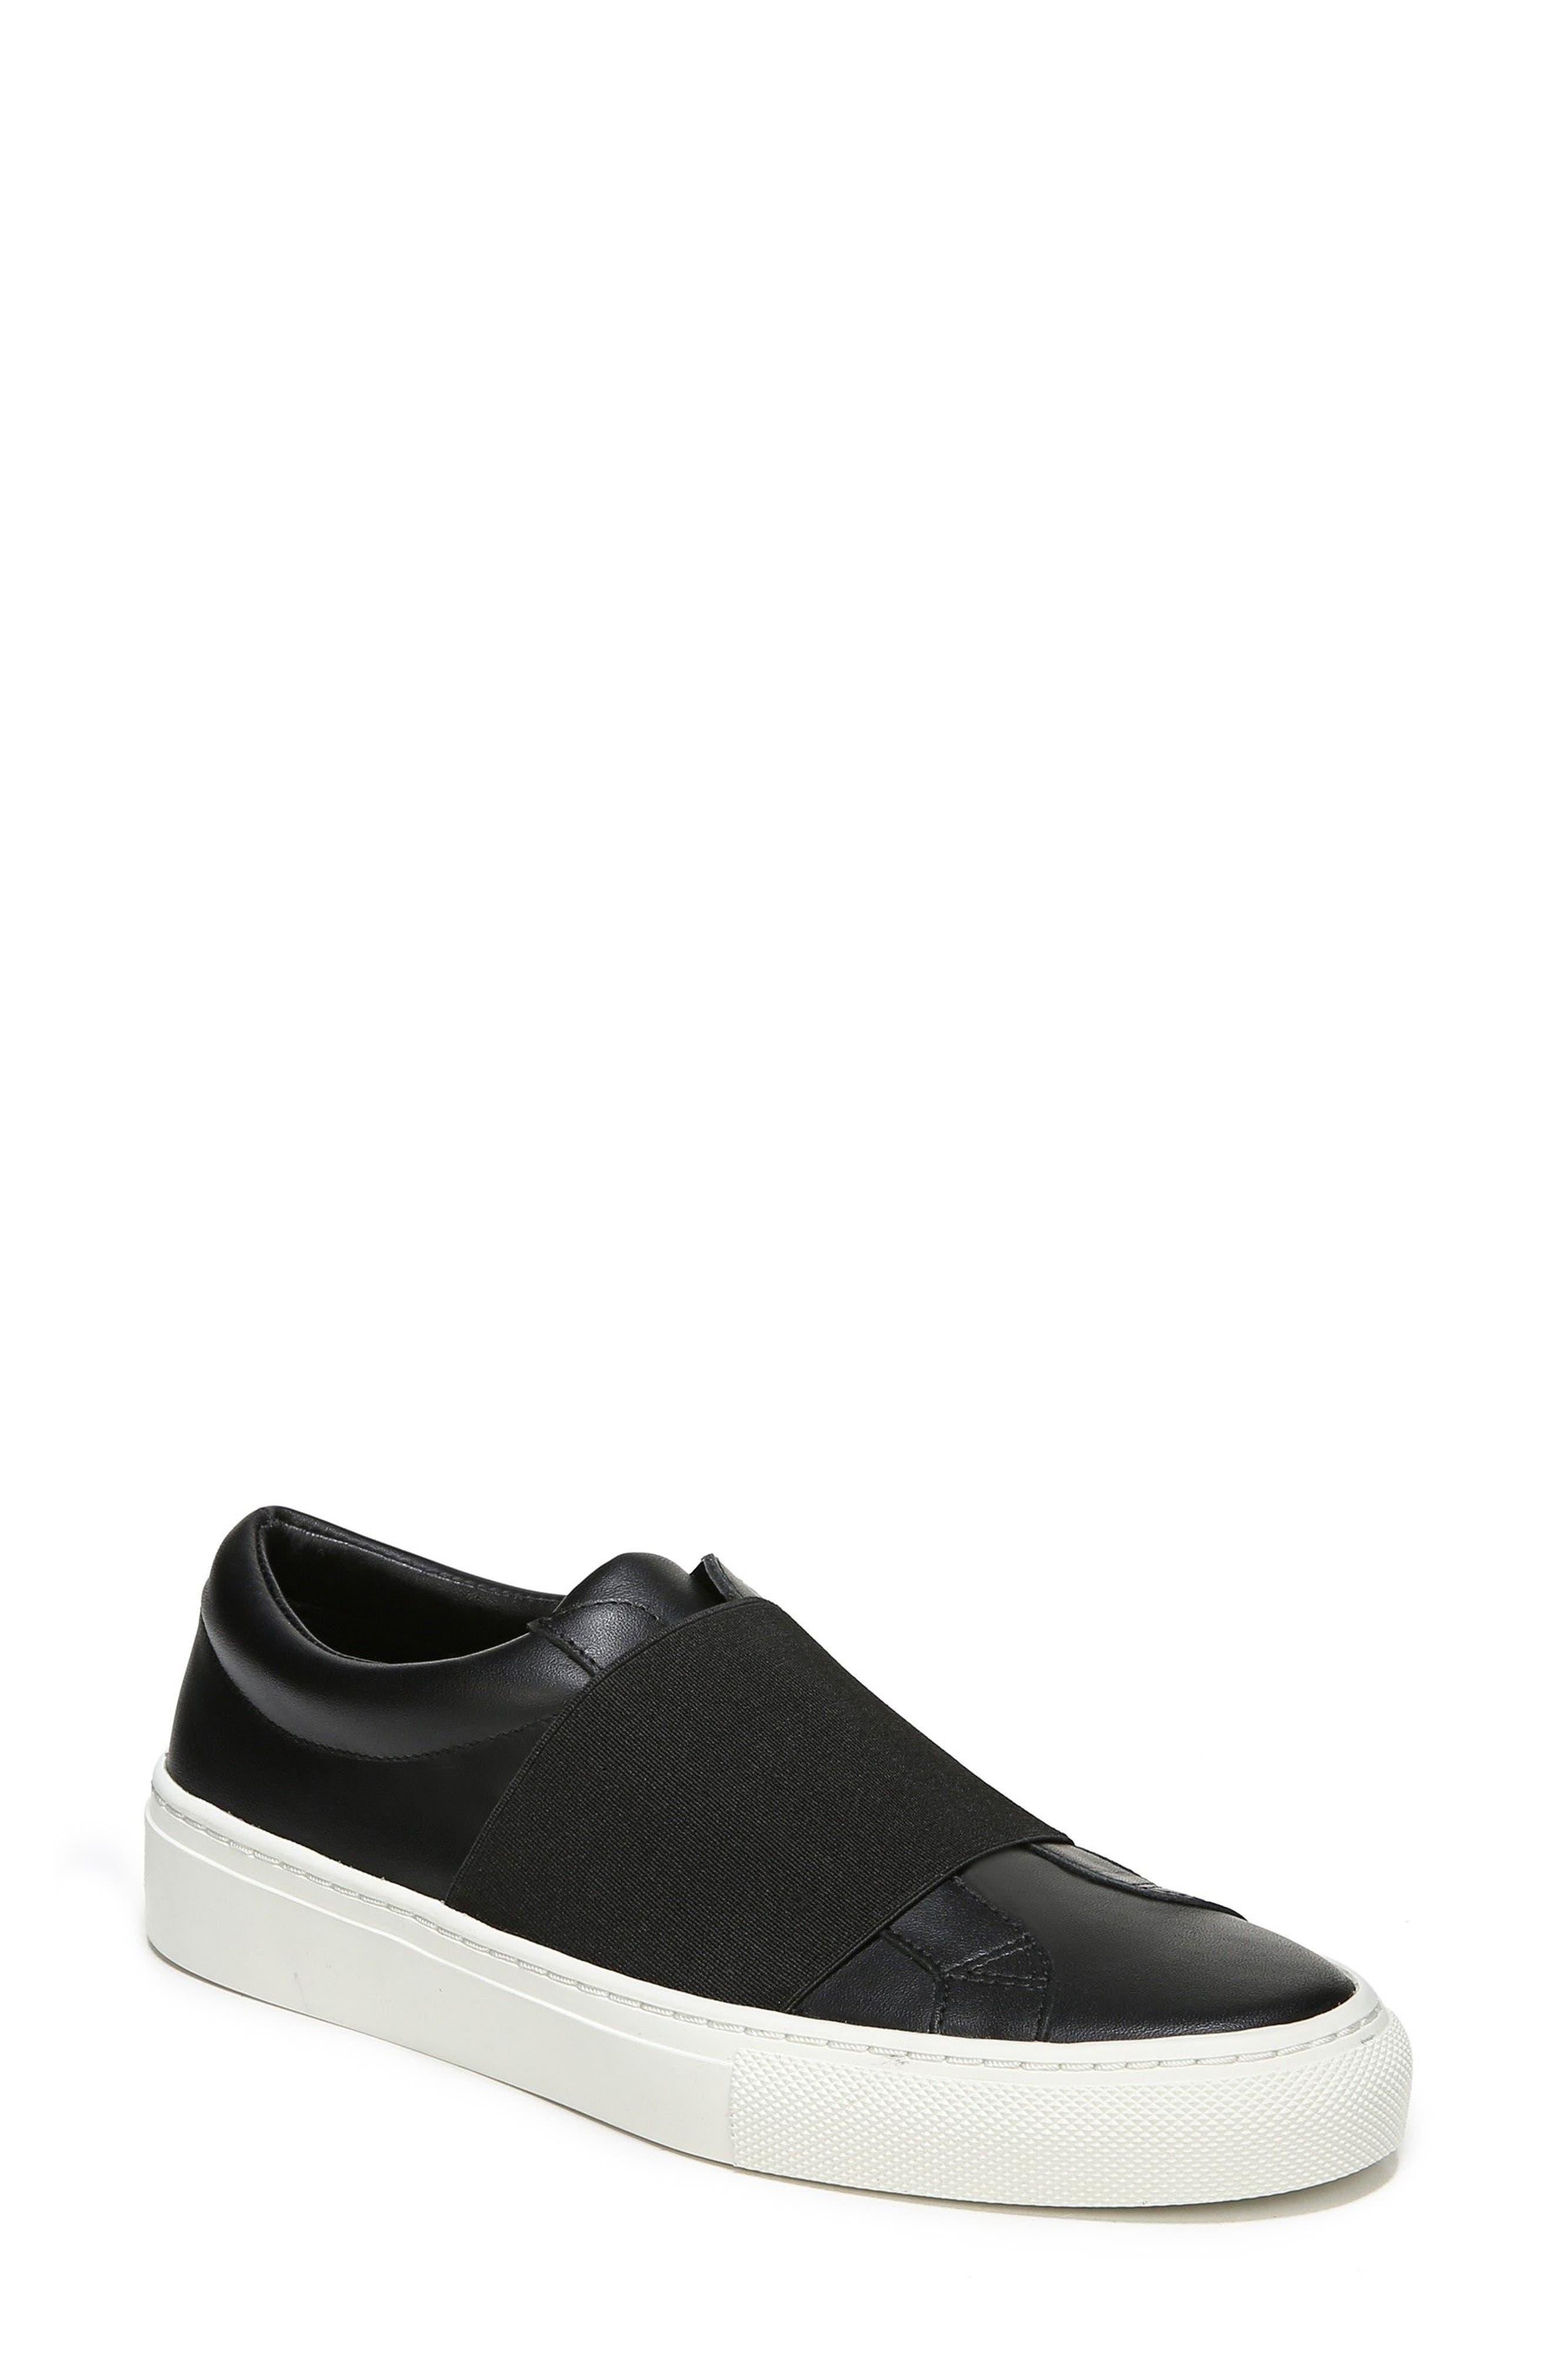 Saran Slip-On Sneaker,                             Main thumbnail 1, color,                             Black/ Black Leather